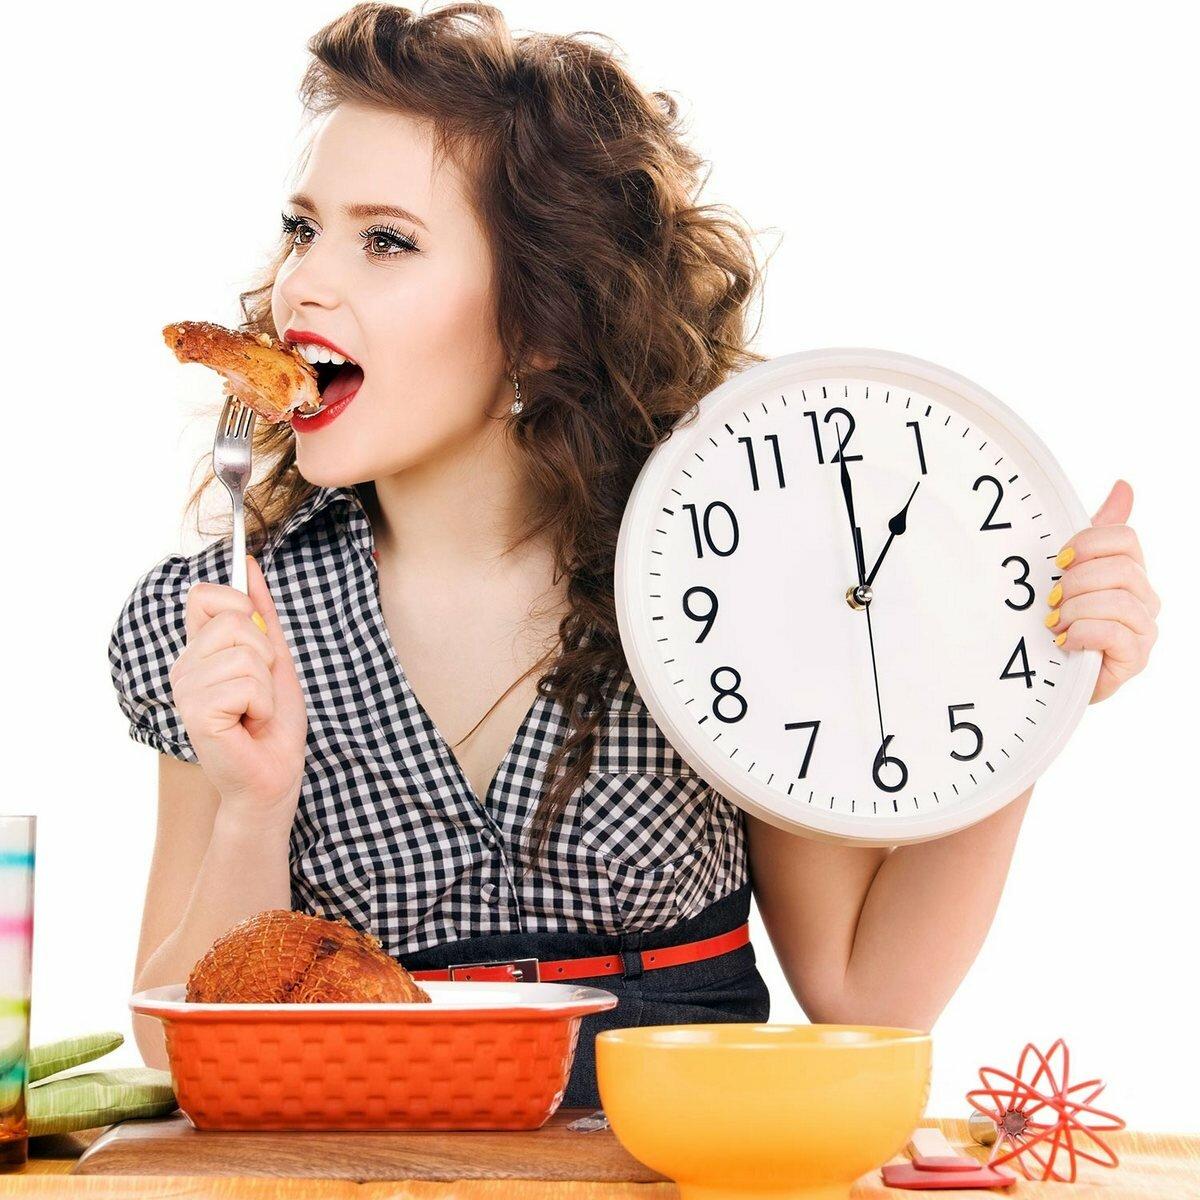 Как похудеть, не садясь на диету: 6 советов, которые в этом помогут